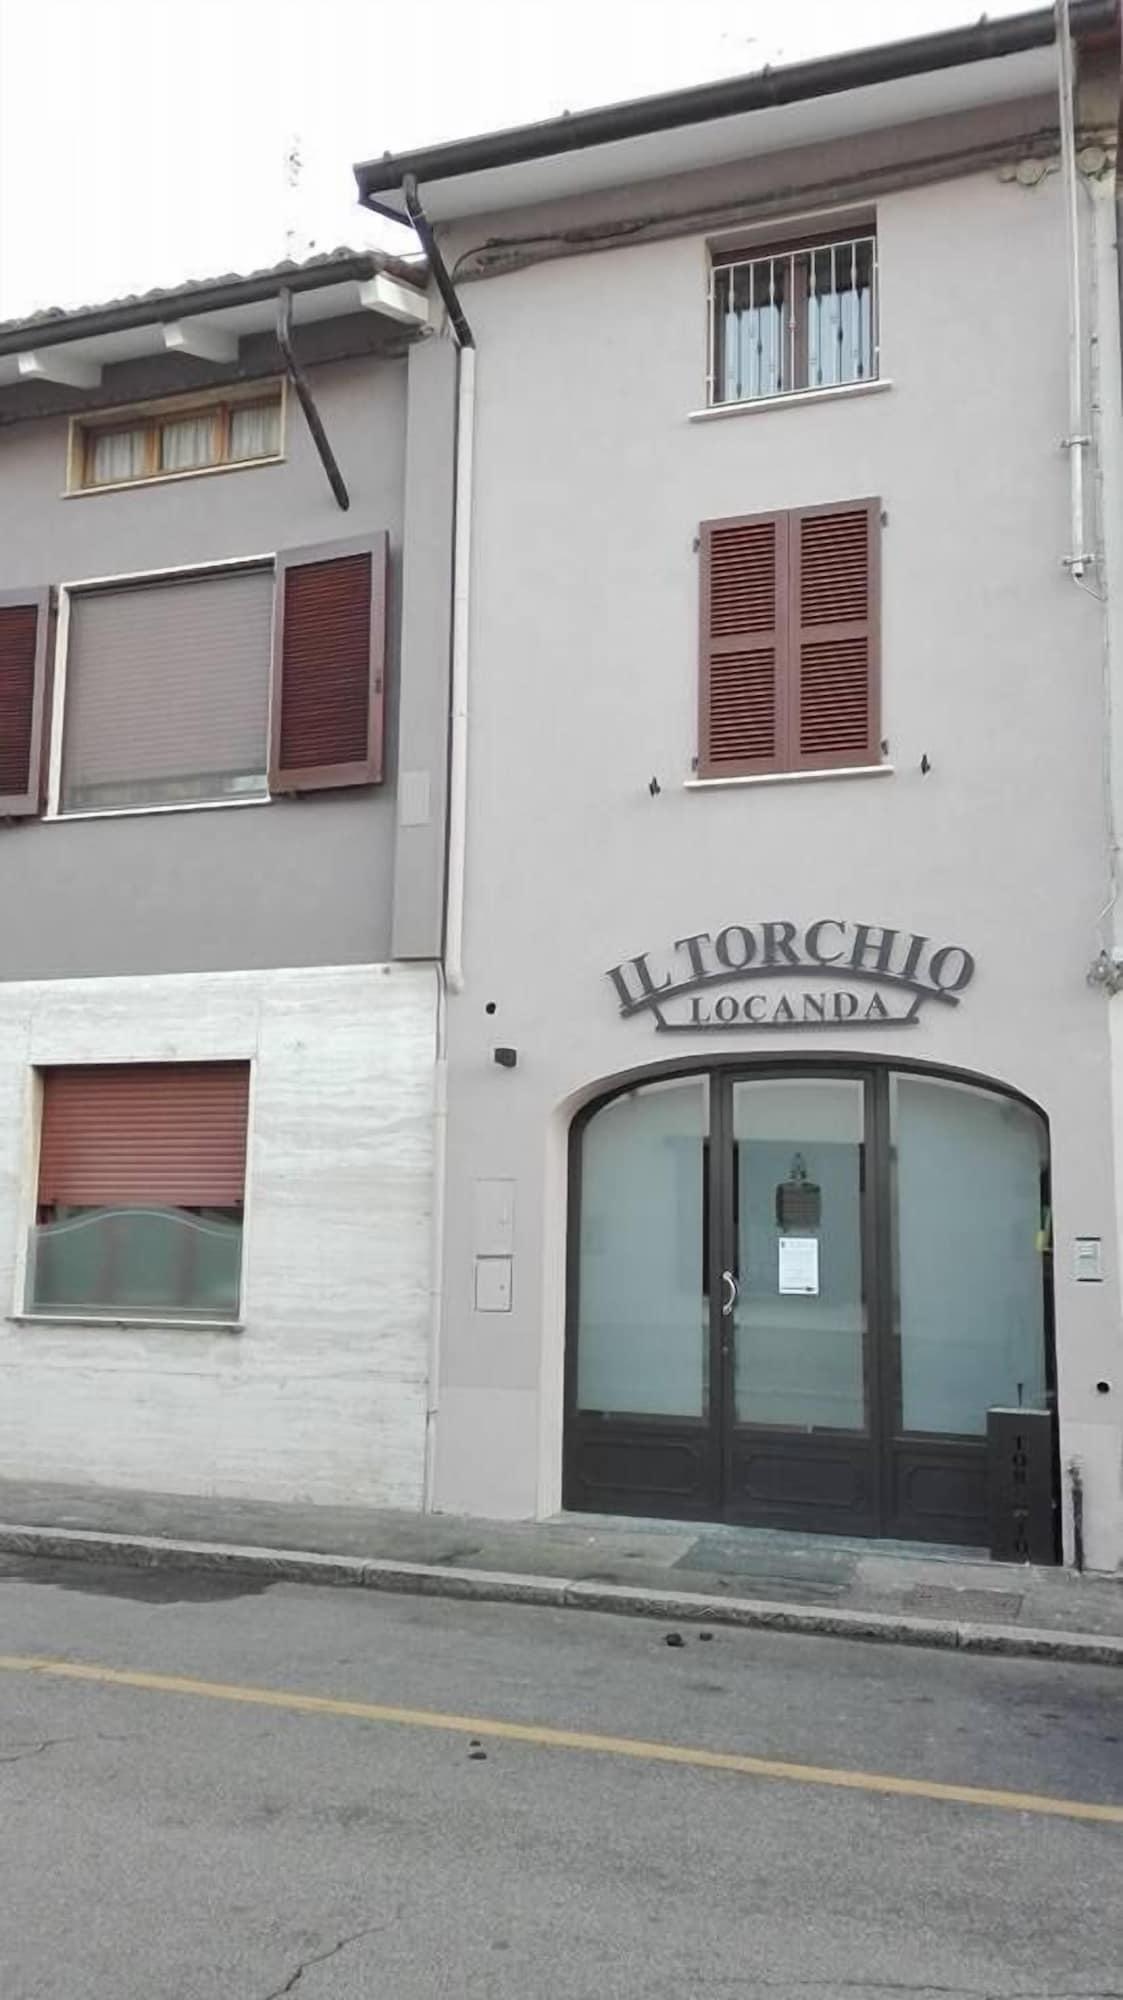 Albergo Il Torchio, Cremona